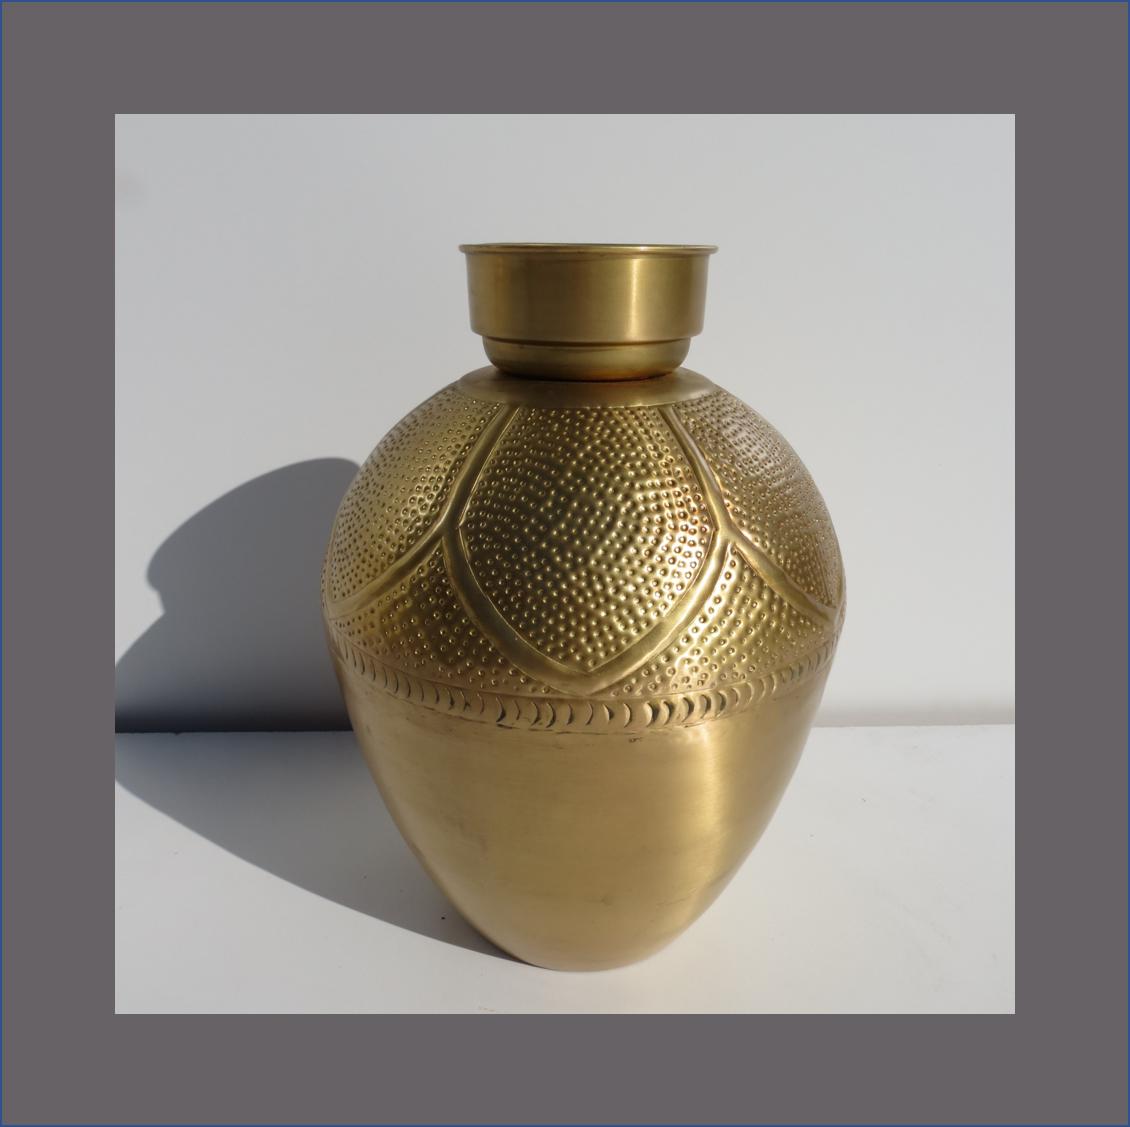 gold-pewter-pot